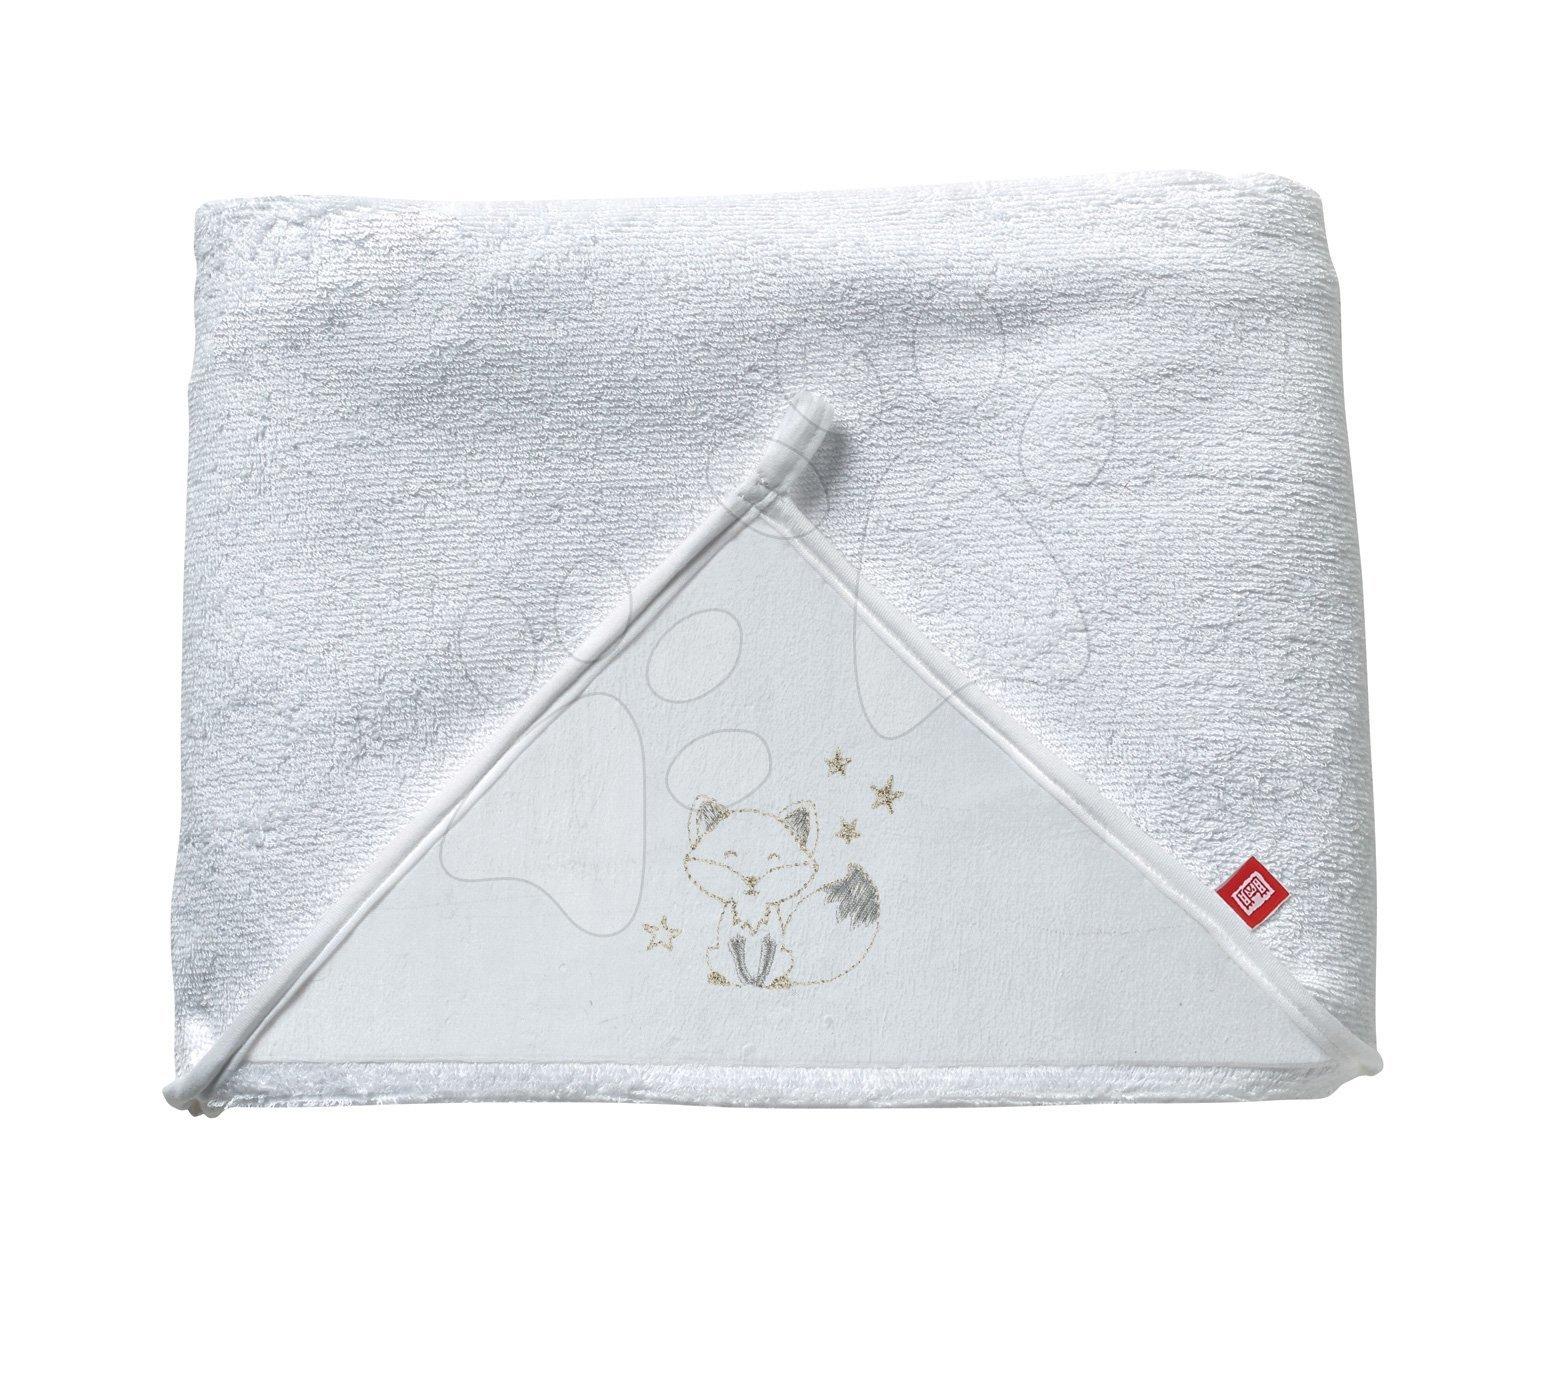 Kojenecká osuška s kapucí Red Castle Fleur de Coton® extra velká měkká White Happy Fox 100x100 cm bílá od 0 měsíců